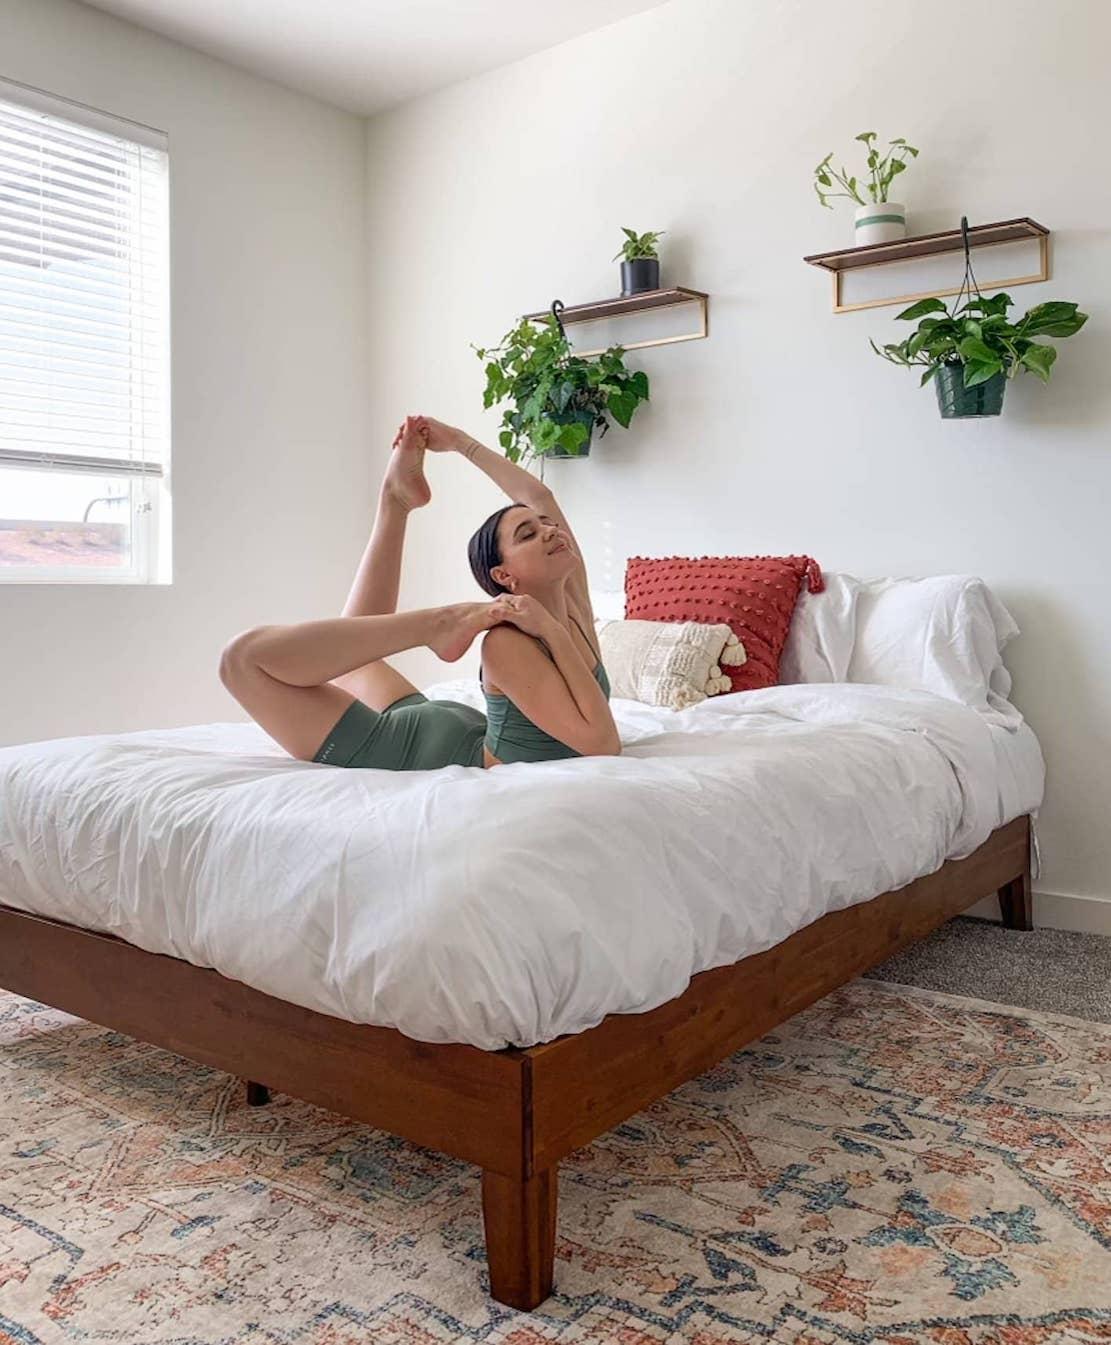 Zinus mattress brand